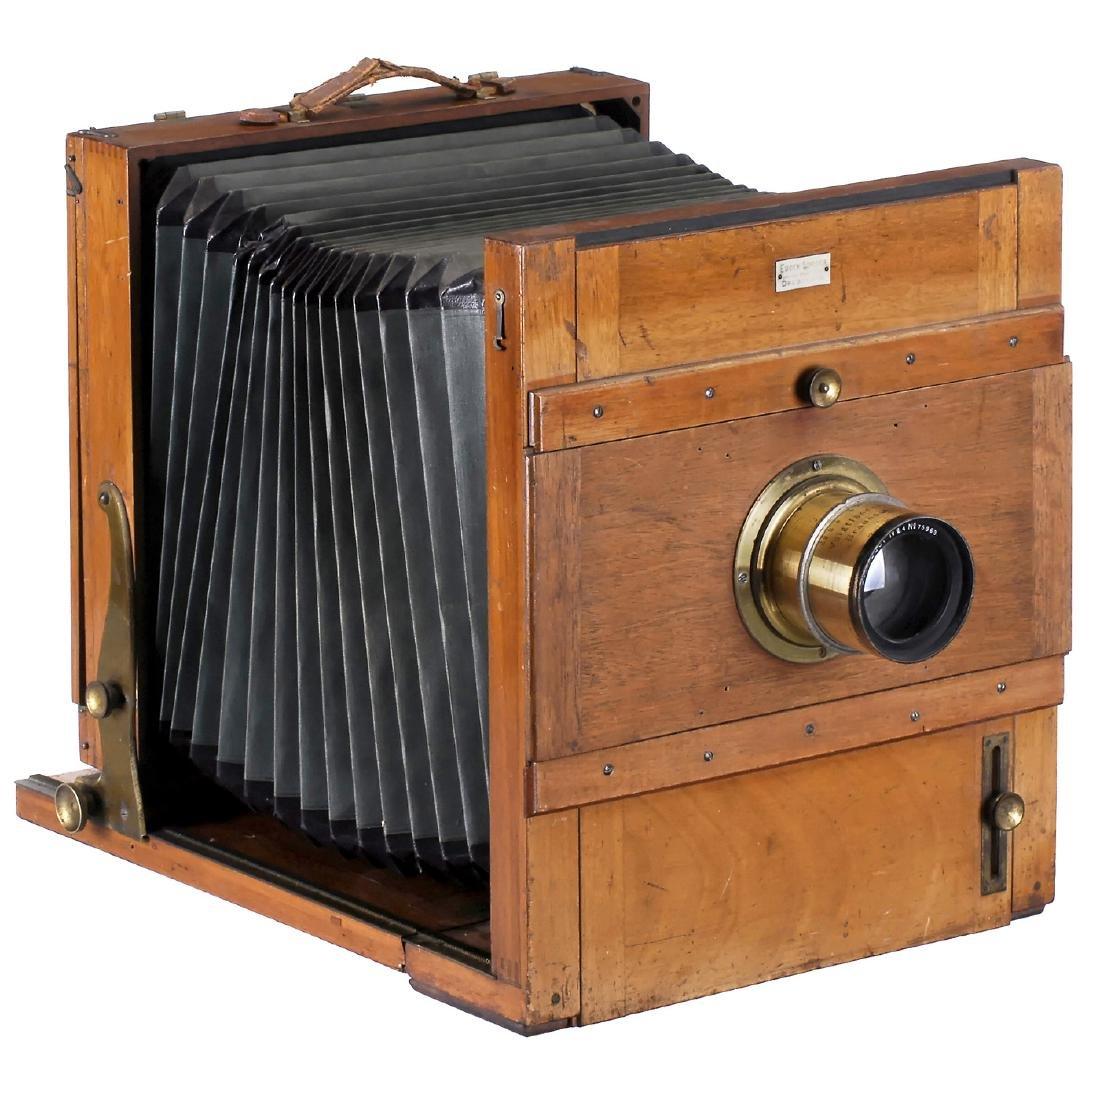 Eugen Loeber Field Camera with Voigtländer Euryscop